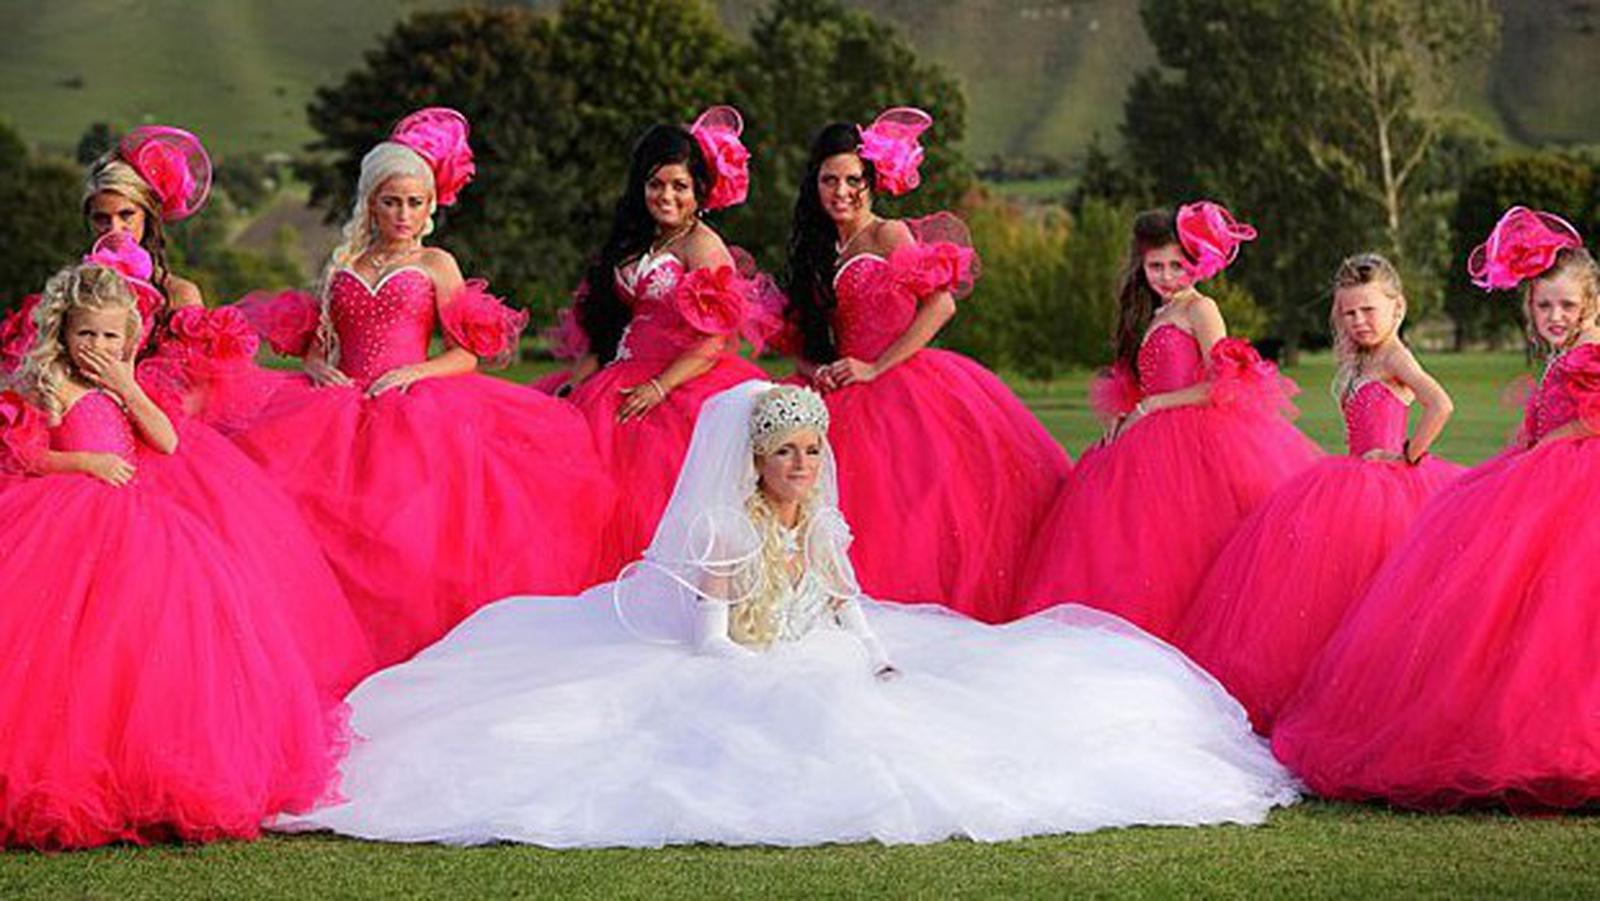 Big Fat Gypsy Wedding.Uk Travellers Lose Big Fat Gypsy Wedding Case